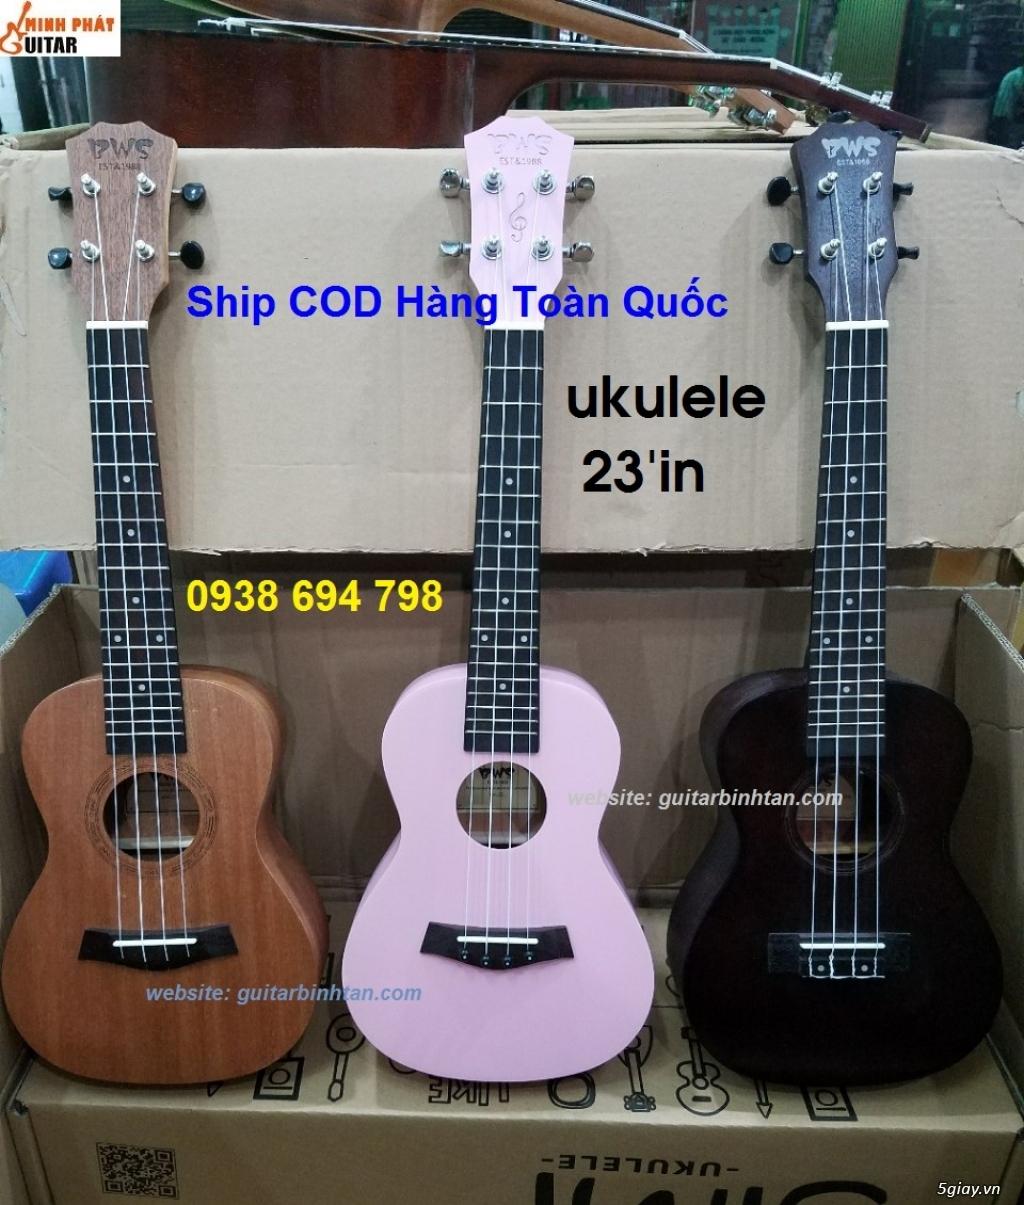 Đàn ukulele giá rẻ toàn quốc - ship COD toàn quốc - 20